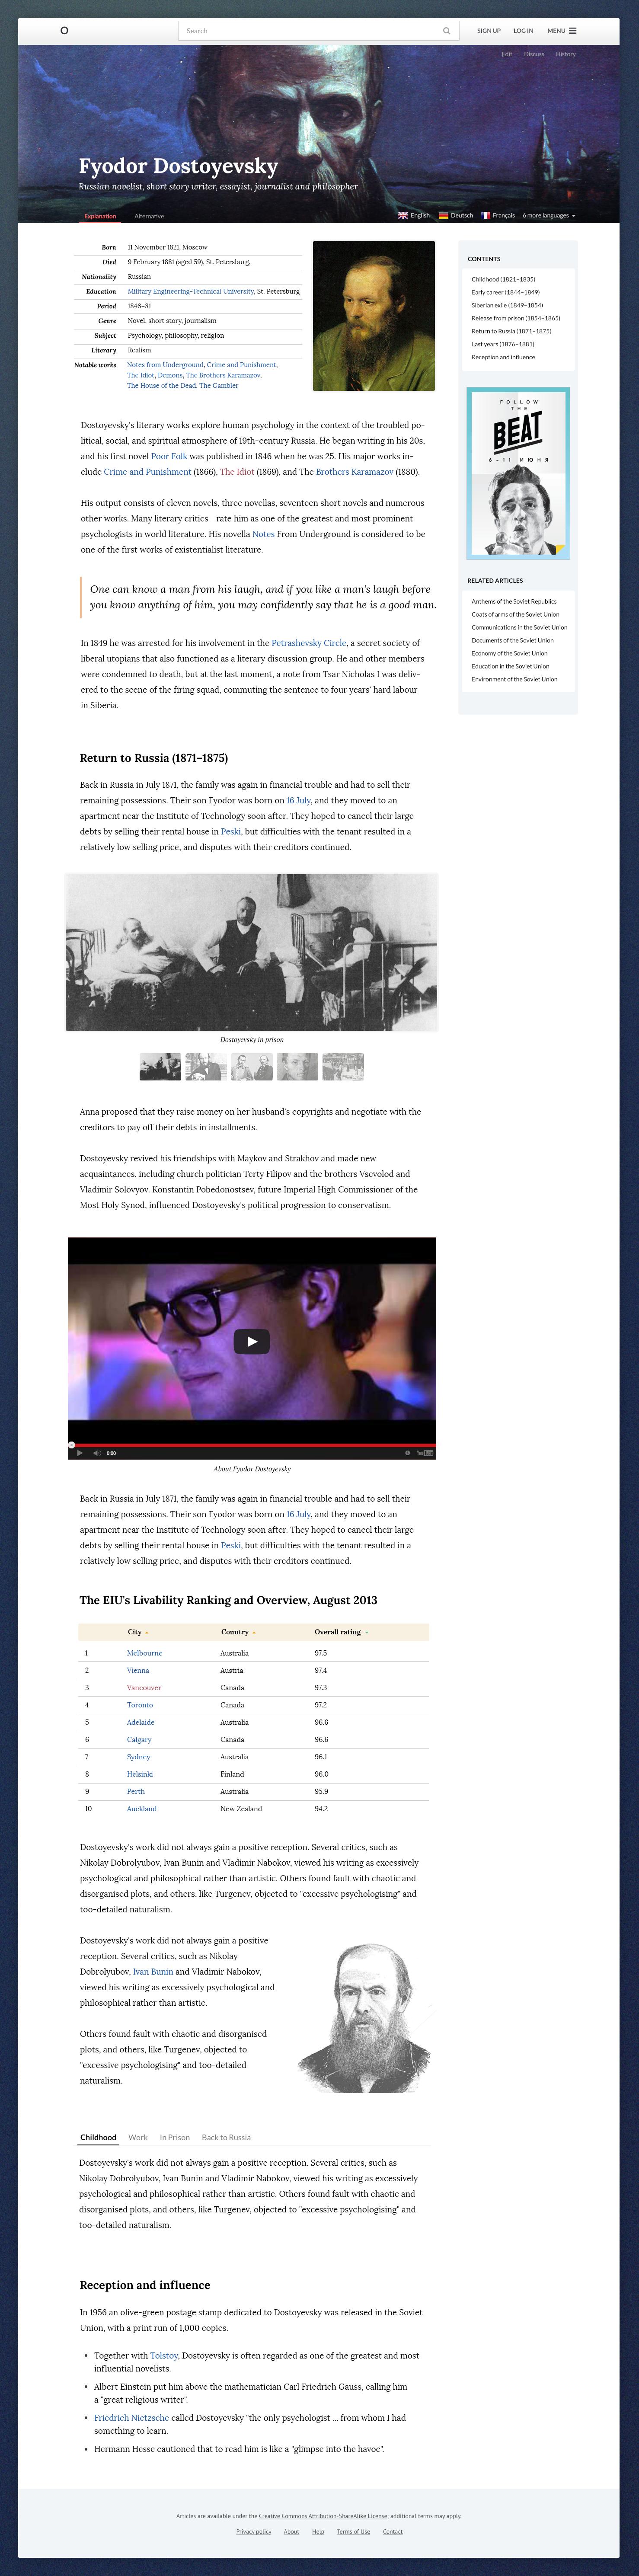 Article realpixels